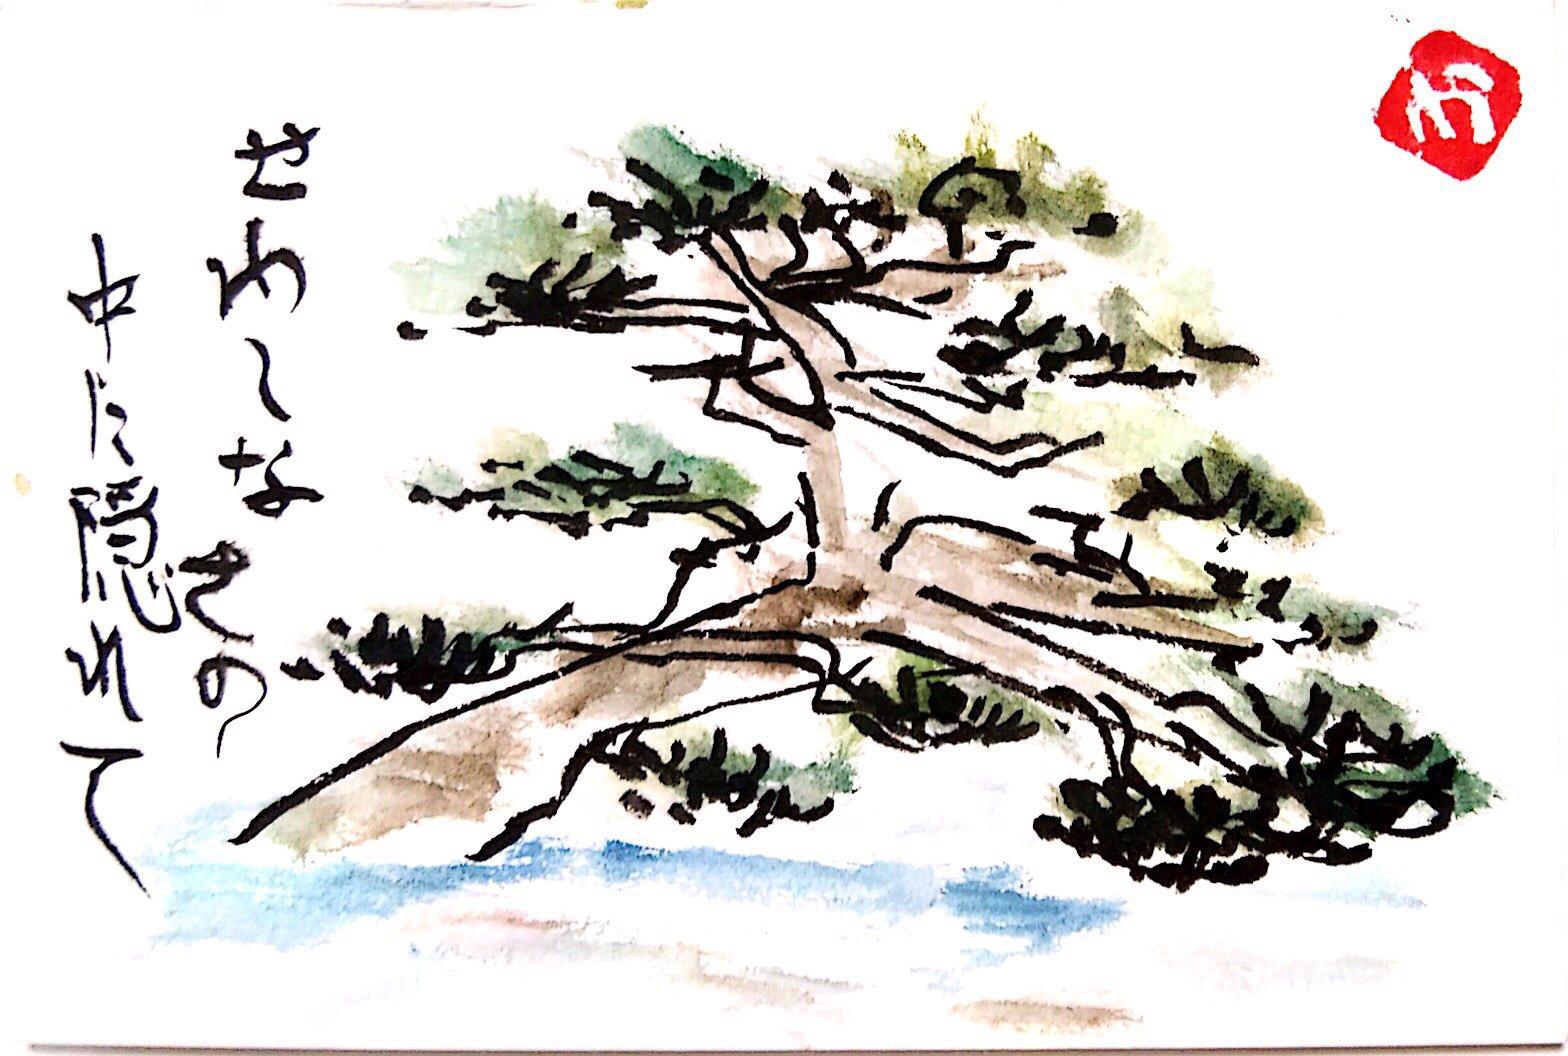 せわしなさの中に隠れて 〜松の木〜